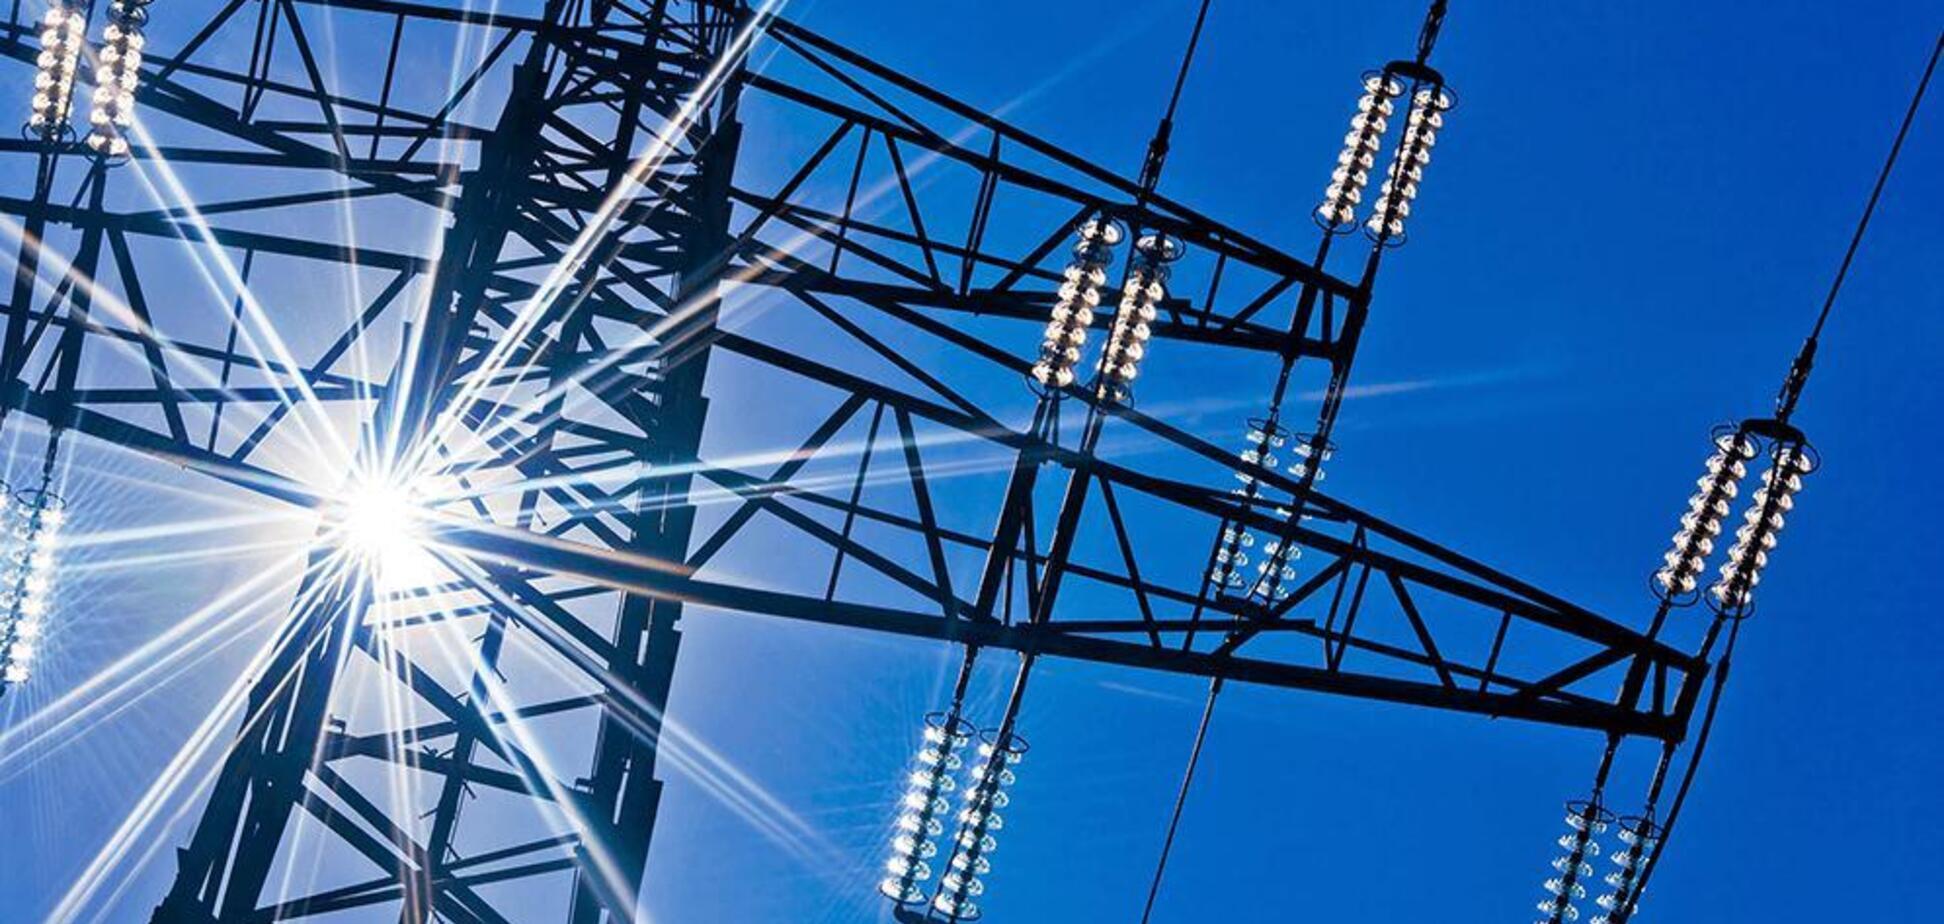 RAB-тарифы будут стимулировать операторов системы распределения модернизировать сети – глава 'Хмельницкоблэнерго'